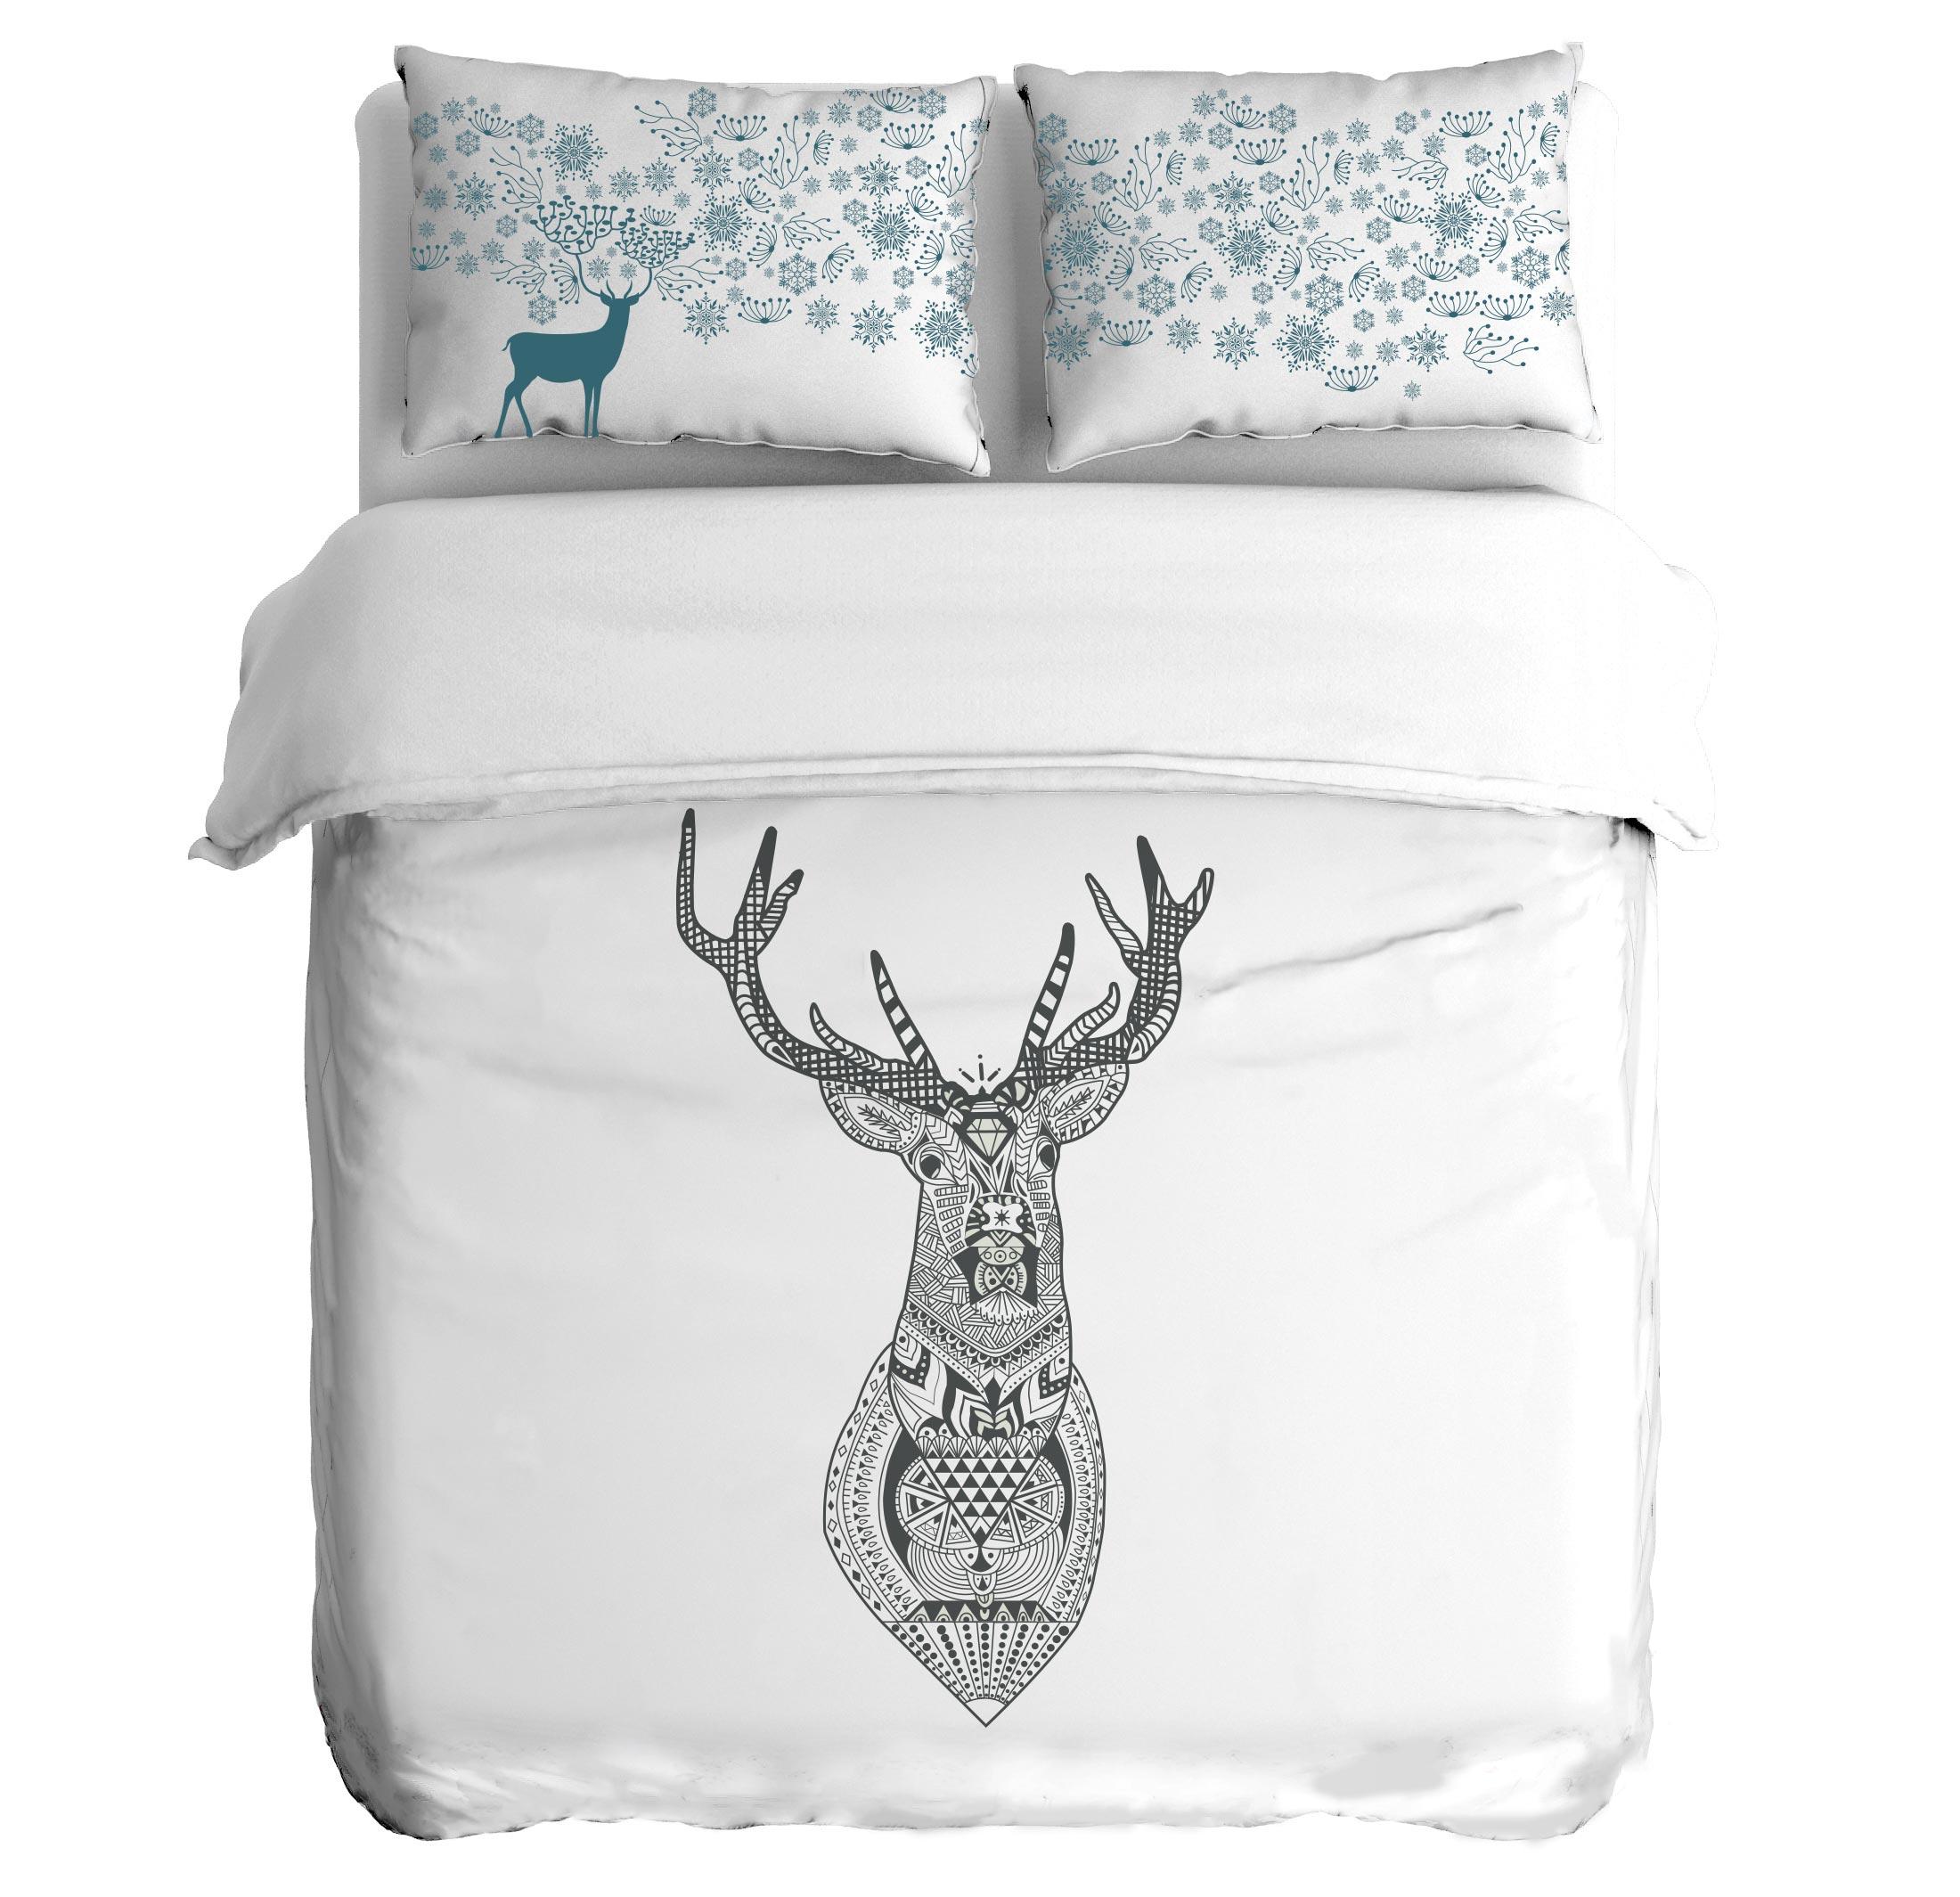 Постельное белье Peach Постельное белье Reindeer (1,5 спал.) постельное белье мартекс постельное белье микрофибра 3d визит